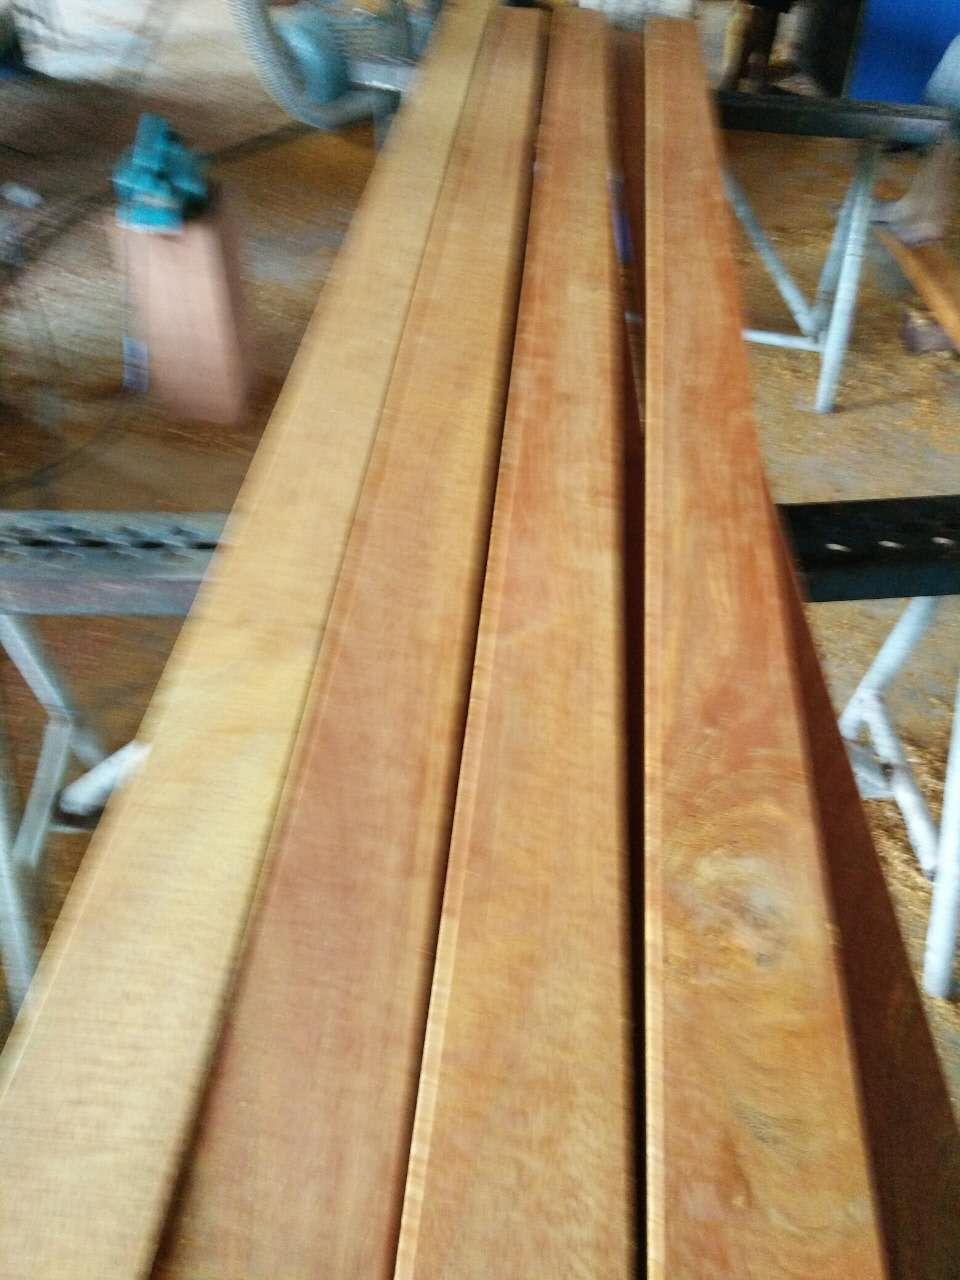 菠萝格板材图片/菠萝格板材样板图 (1)